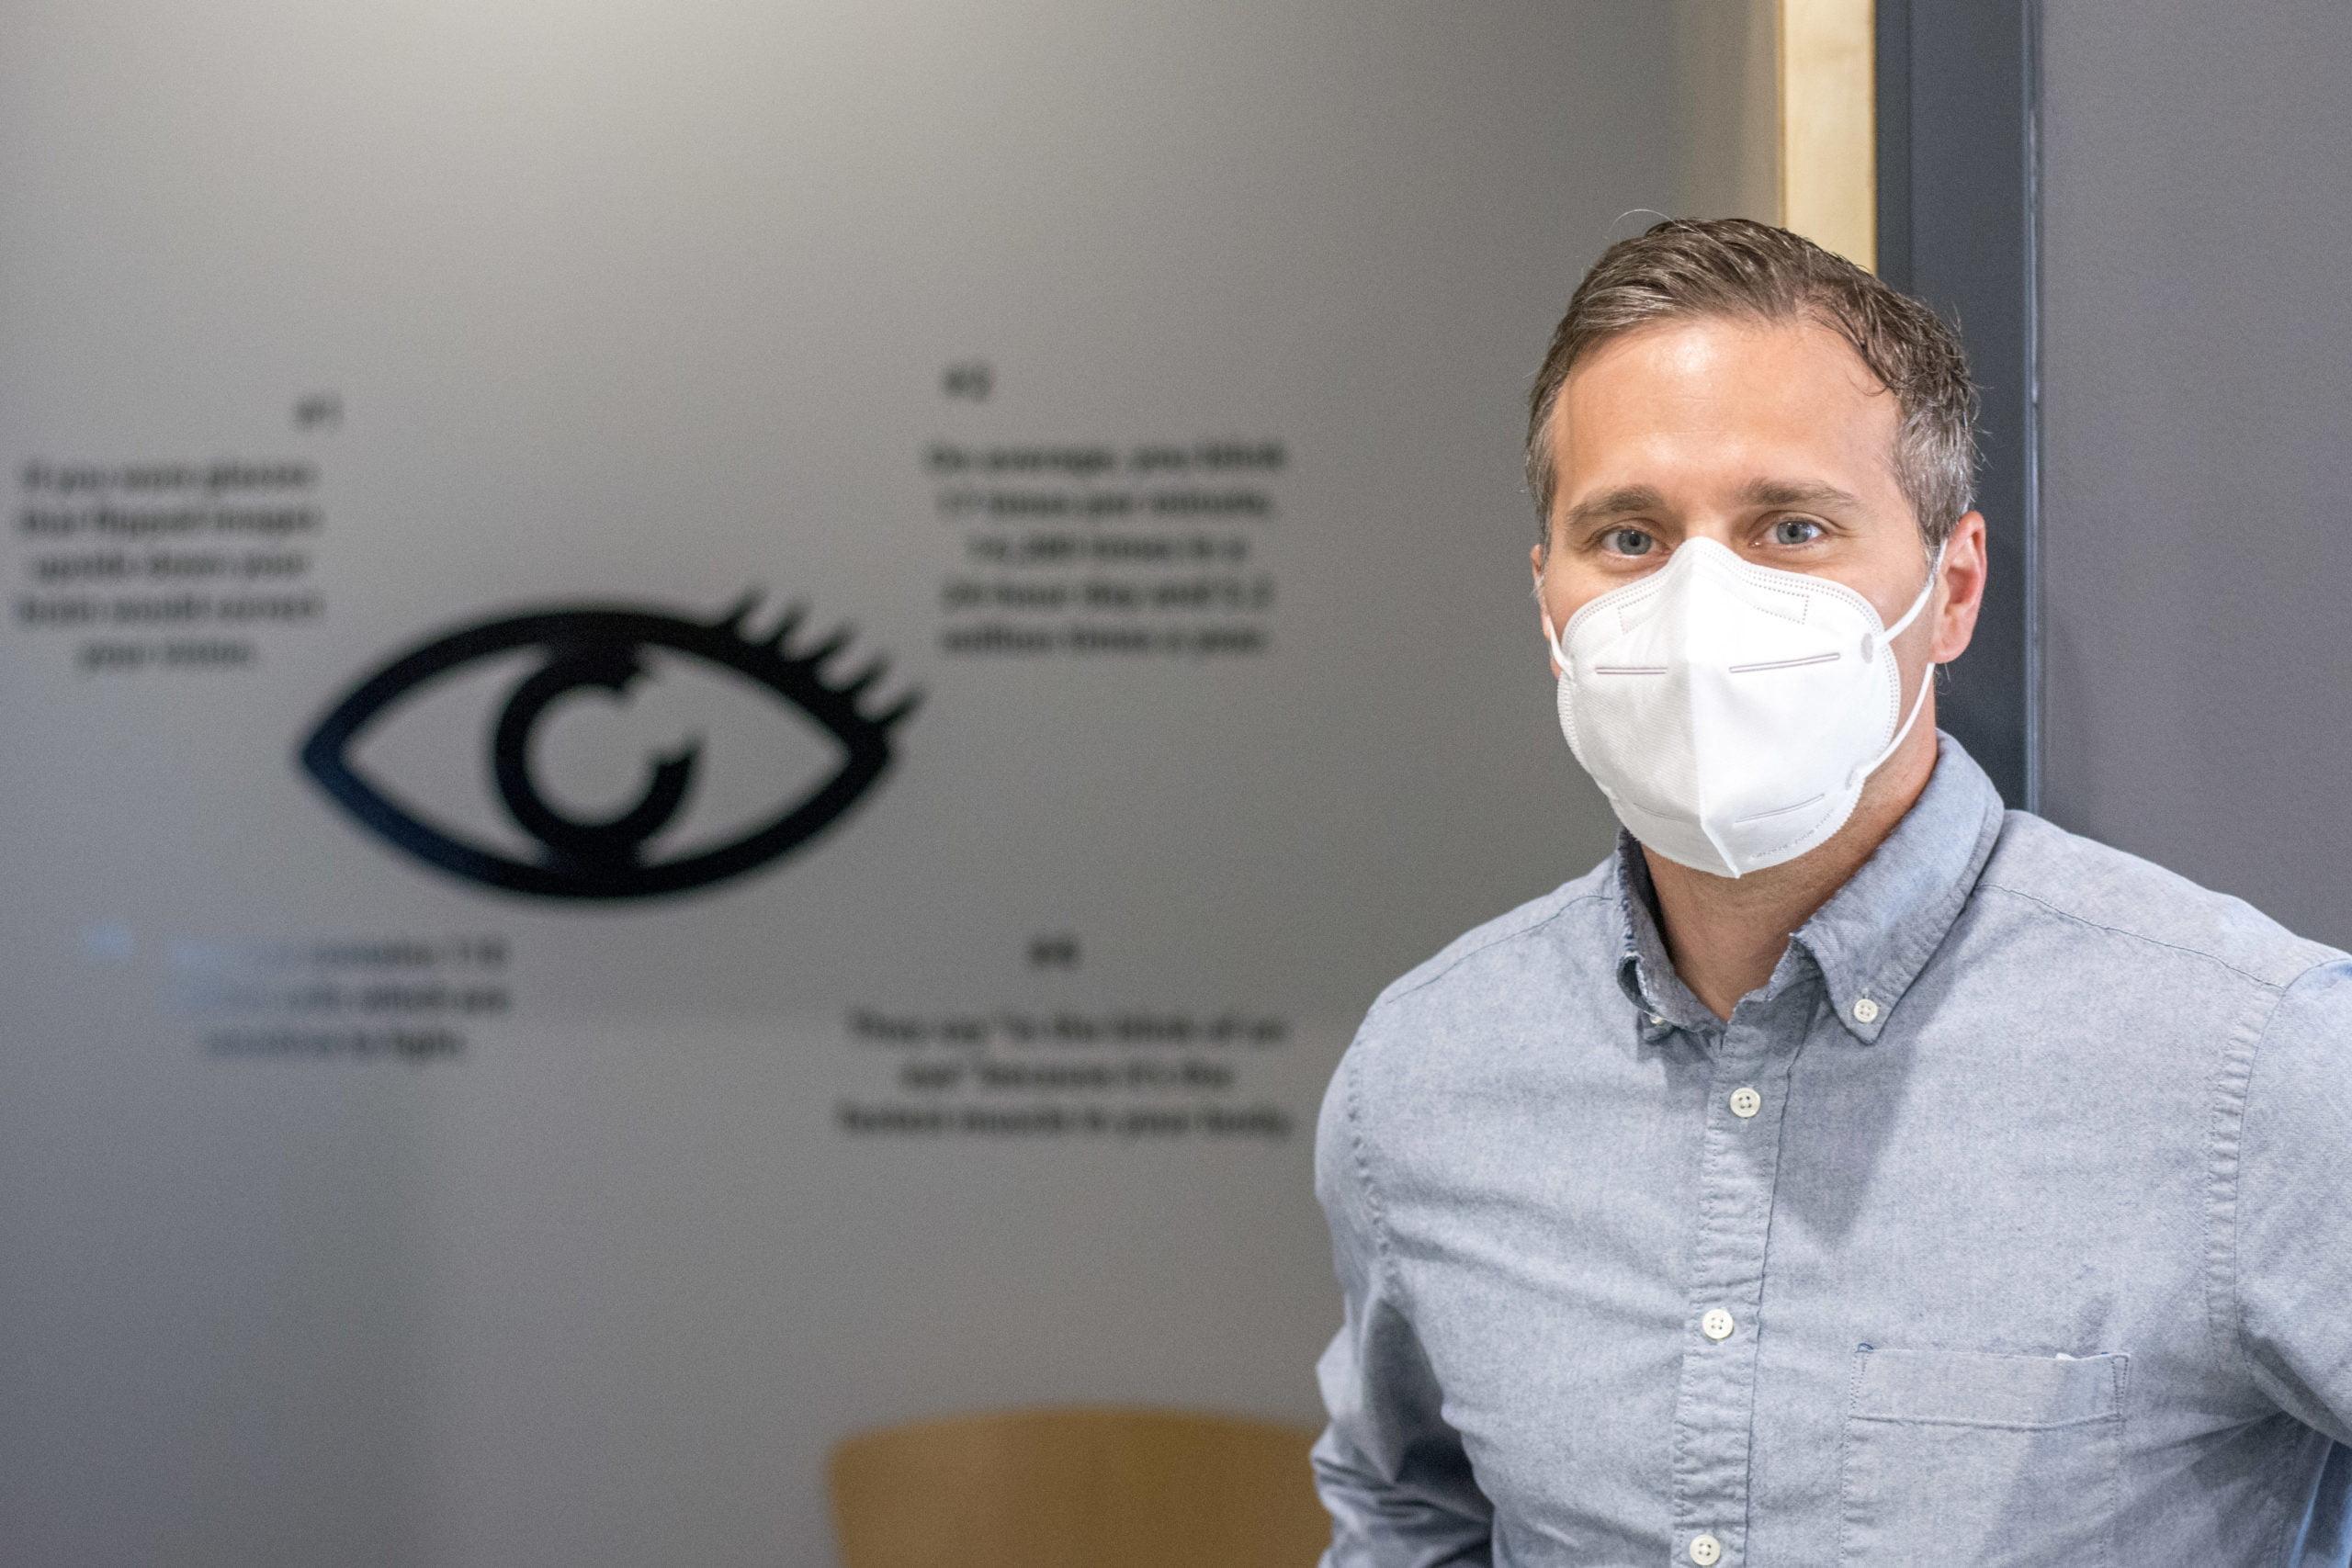 eye doctor wearing PPE